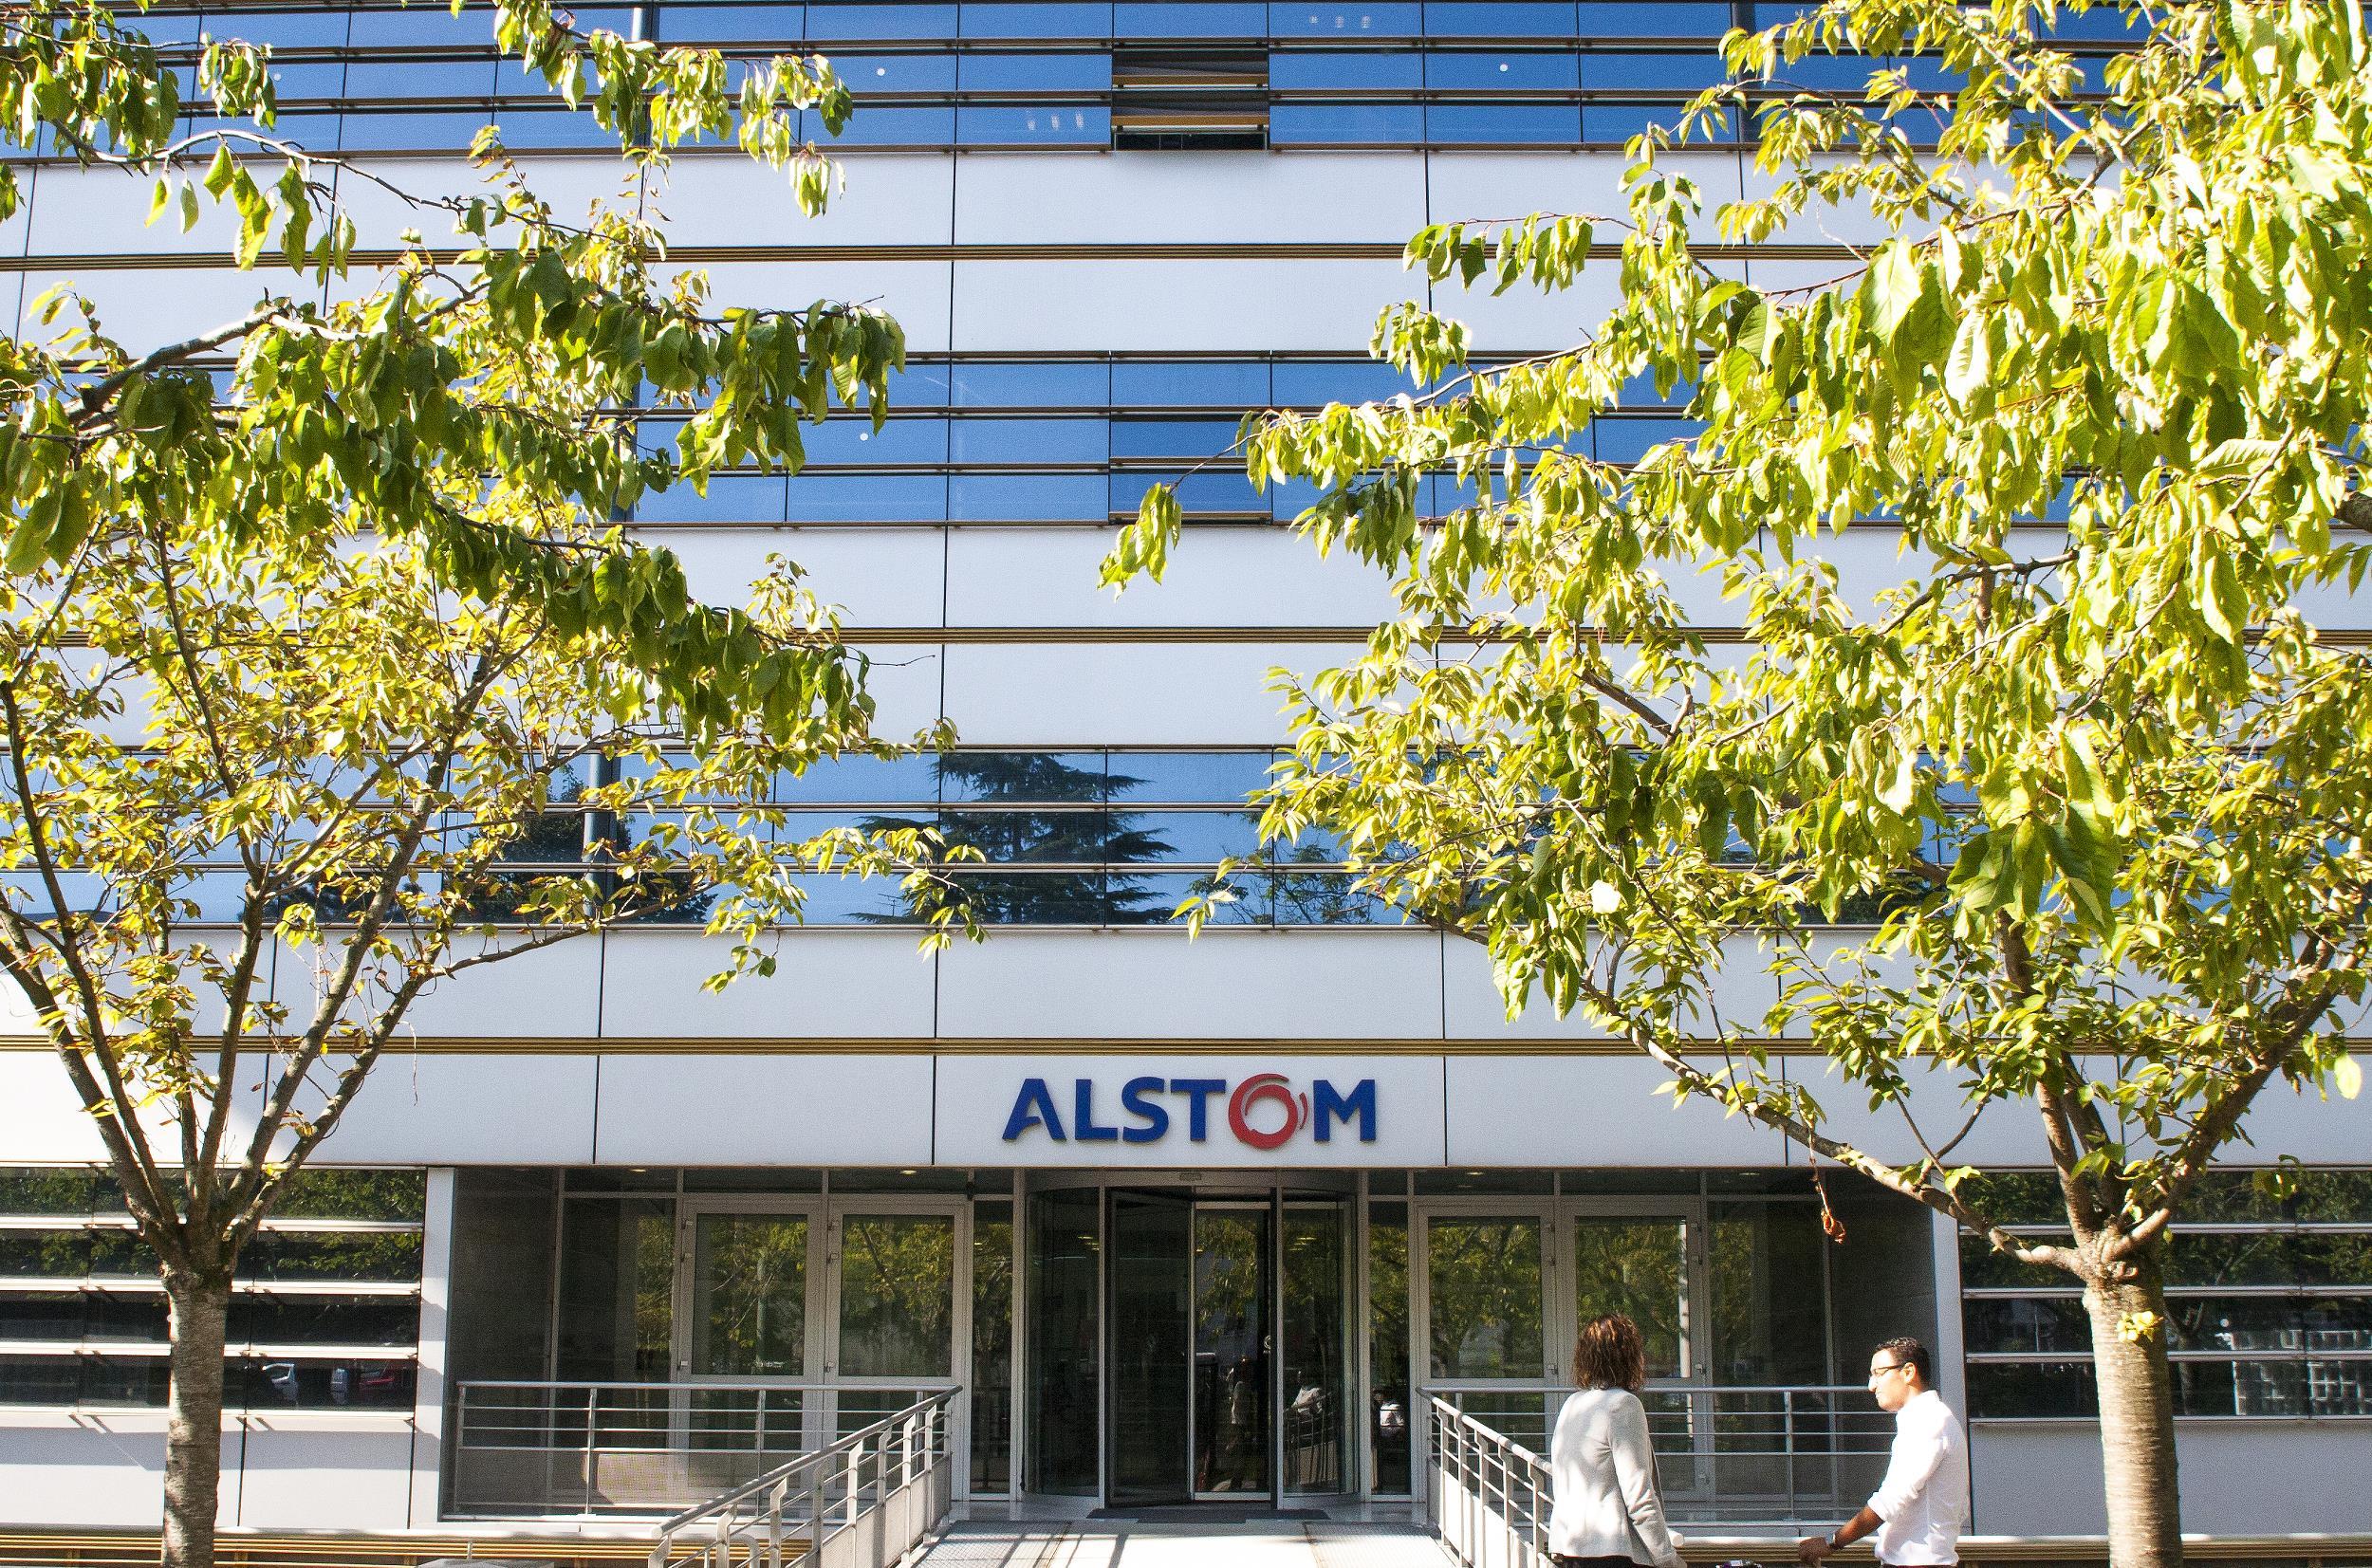 Le siège d'Alstom à Saint-Ouen (photo Alstom / Aldino Pavone )